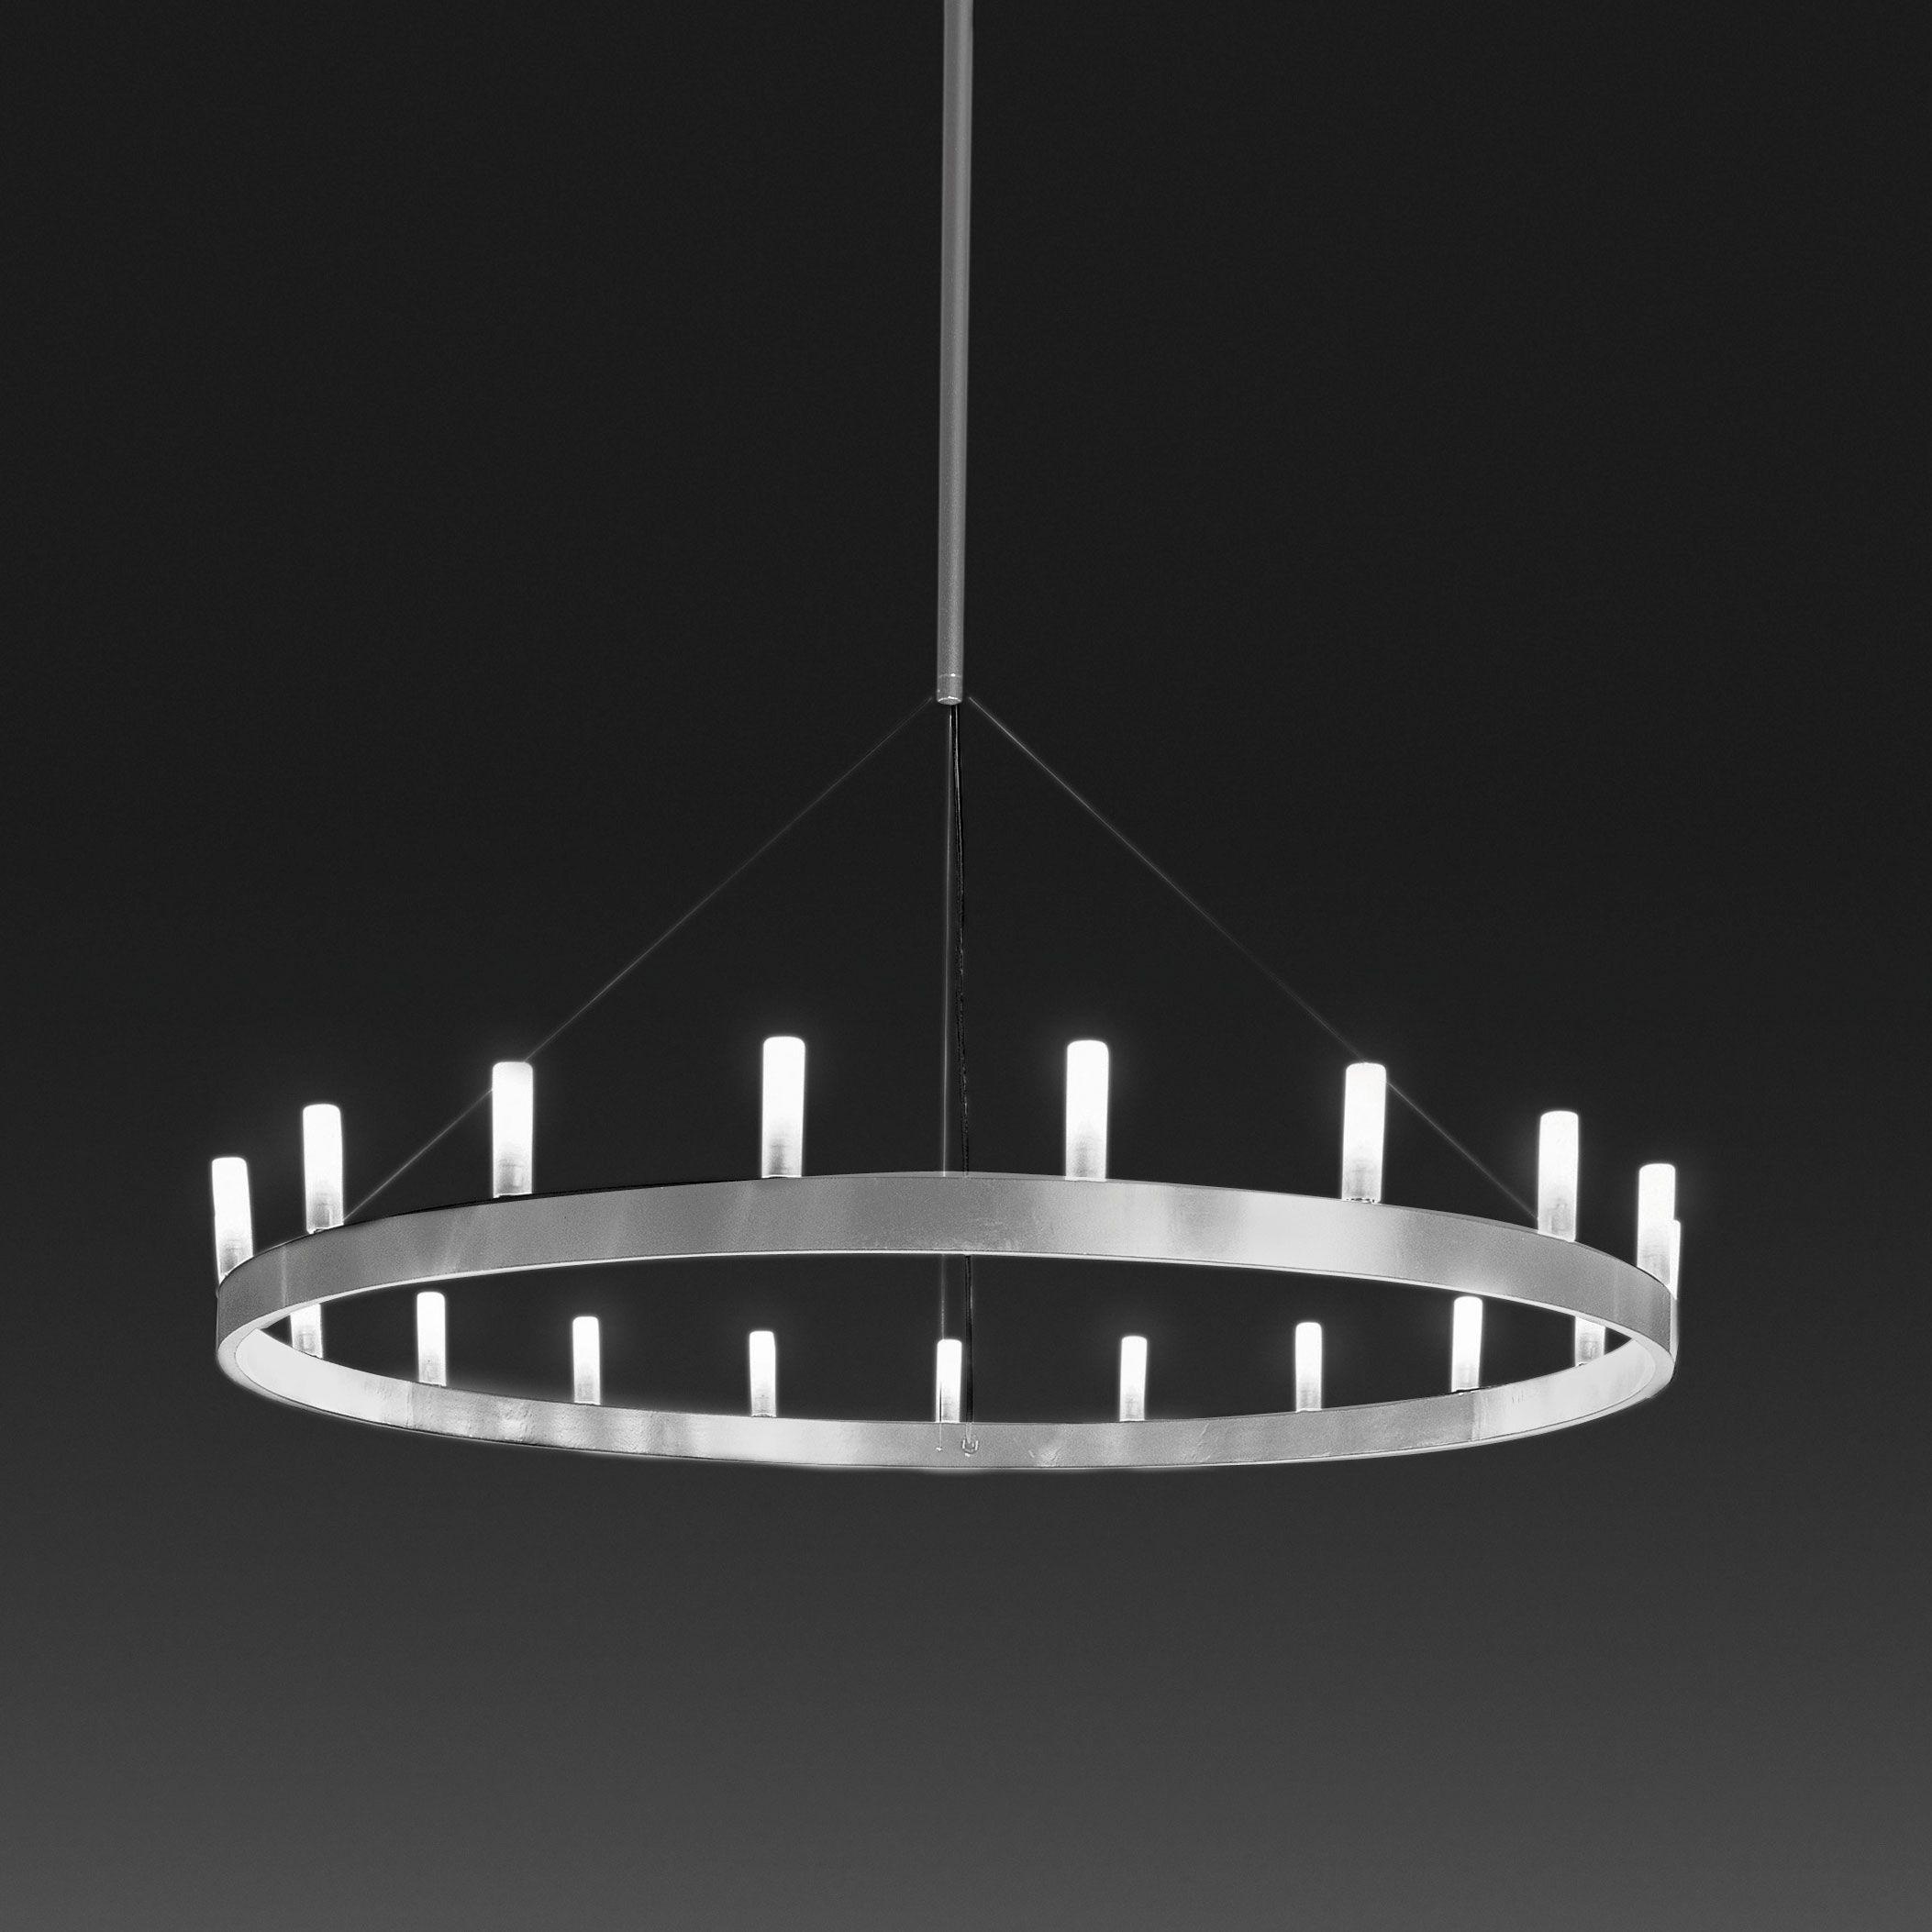 chandelie kitchen ideas pinterest chandeliers and kitchens rh pinterest com